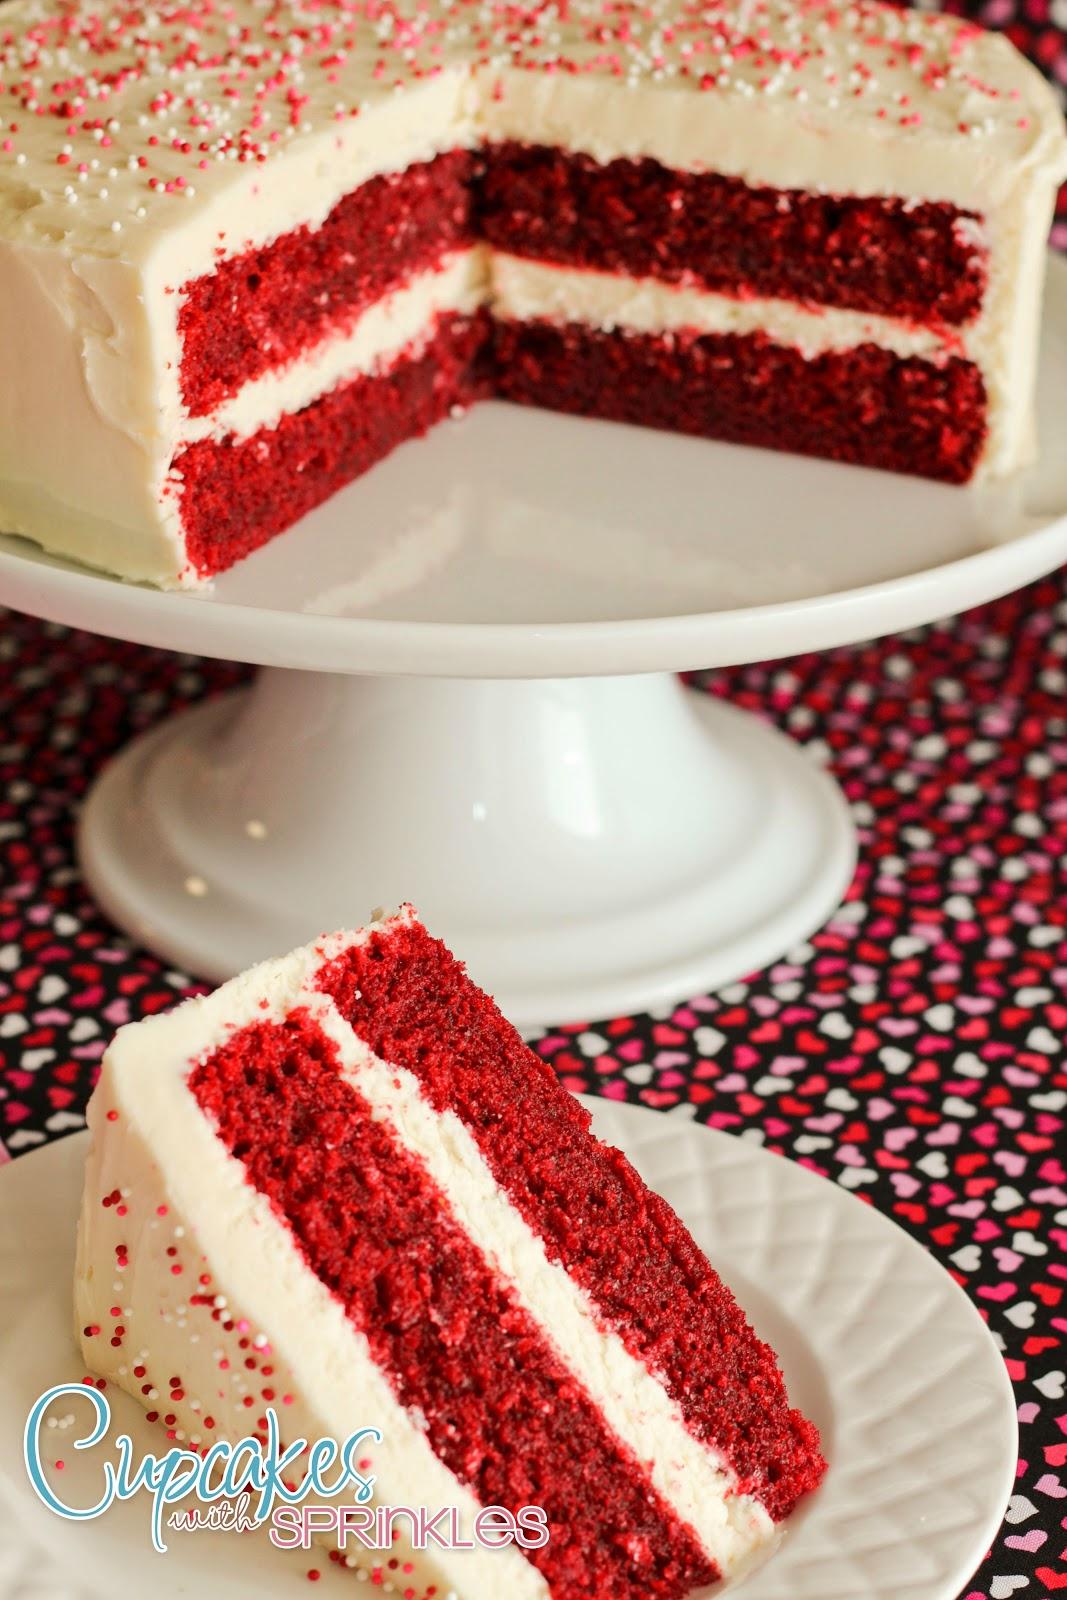 Red velvet cake recipes easy